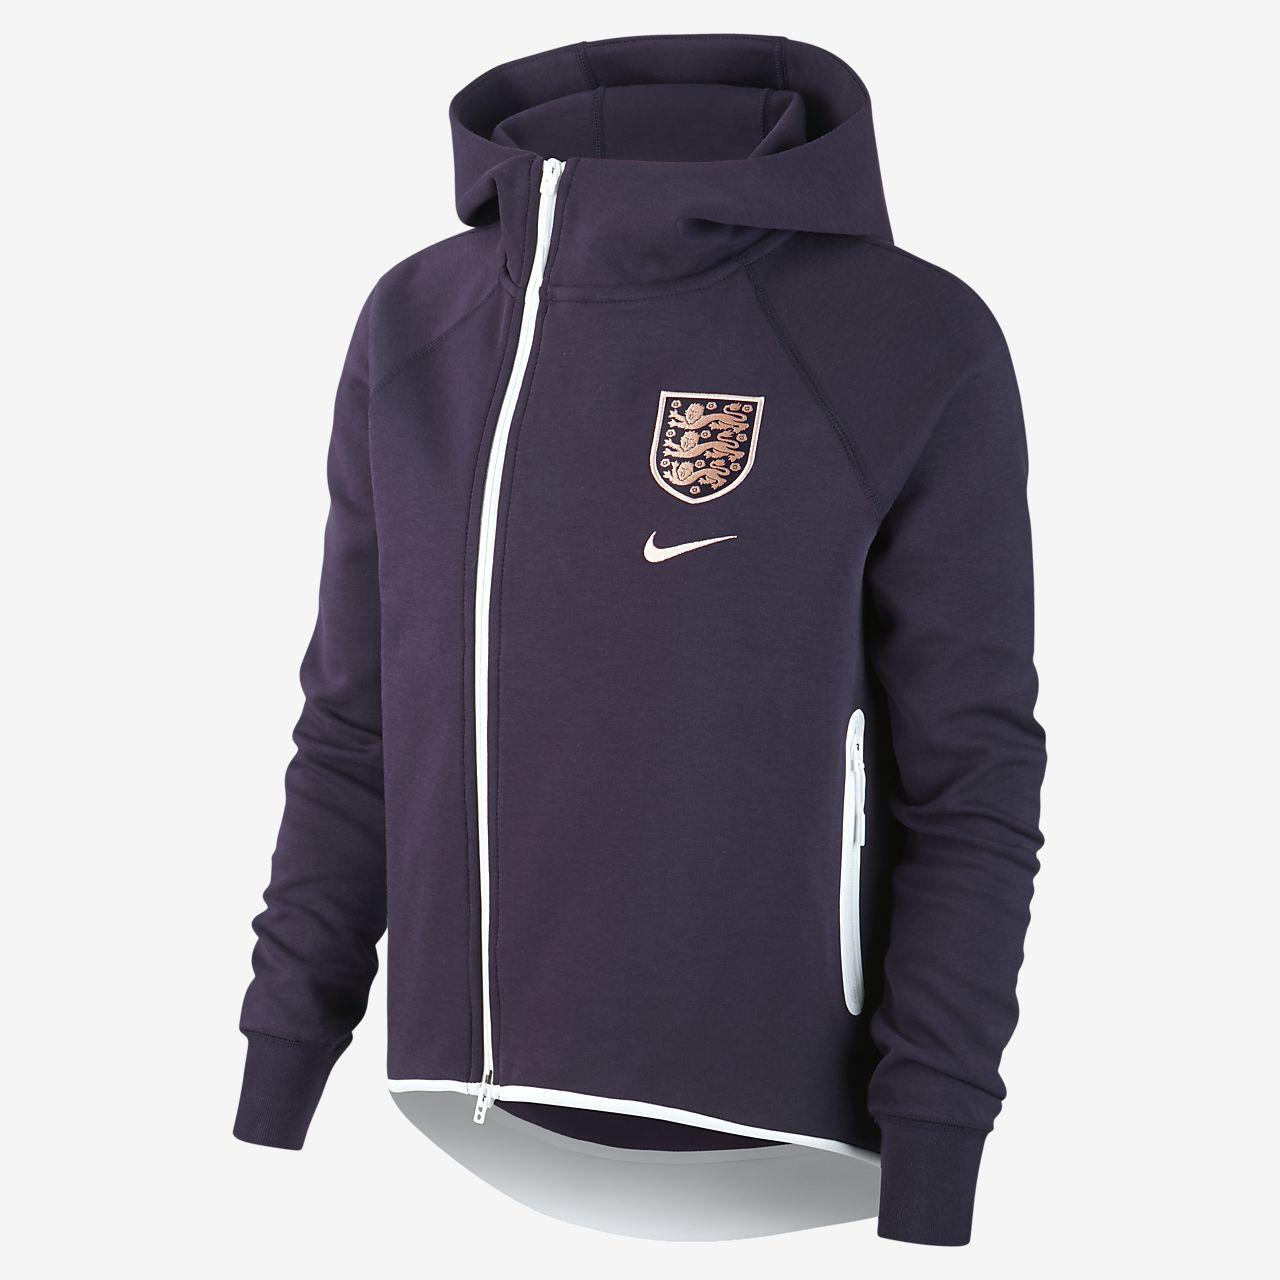 England Tech Fleece Voetbalvest voor dames